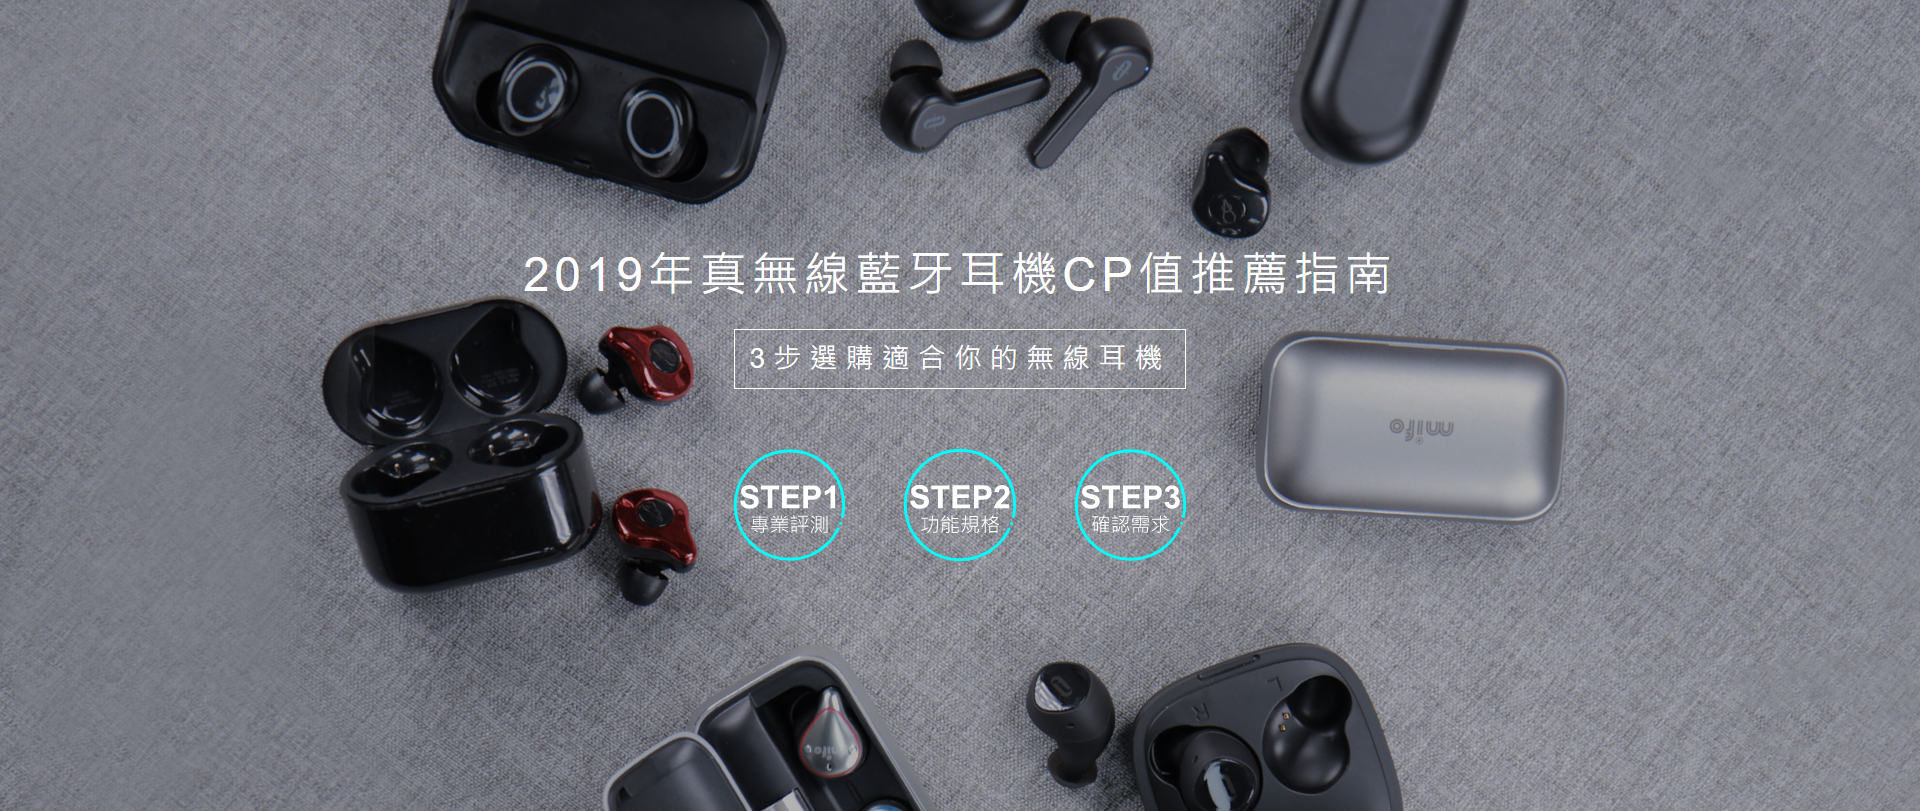 2019CP值推薦指南